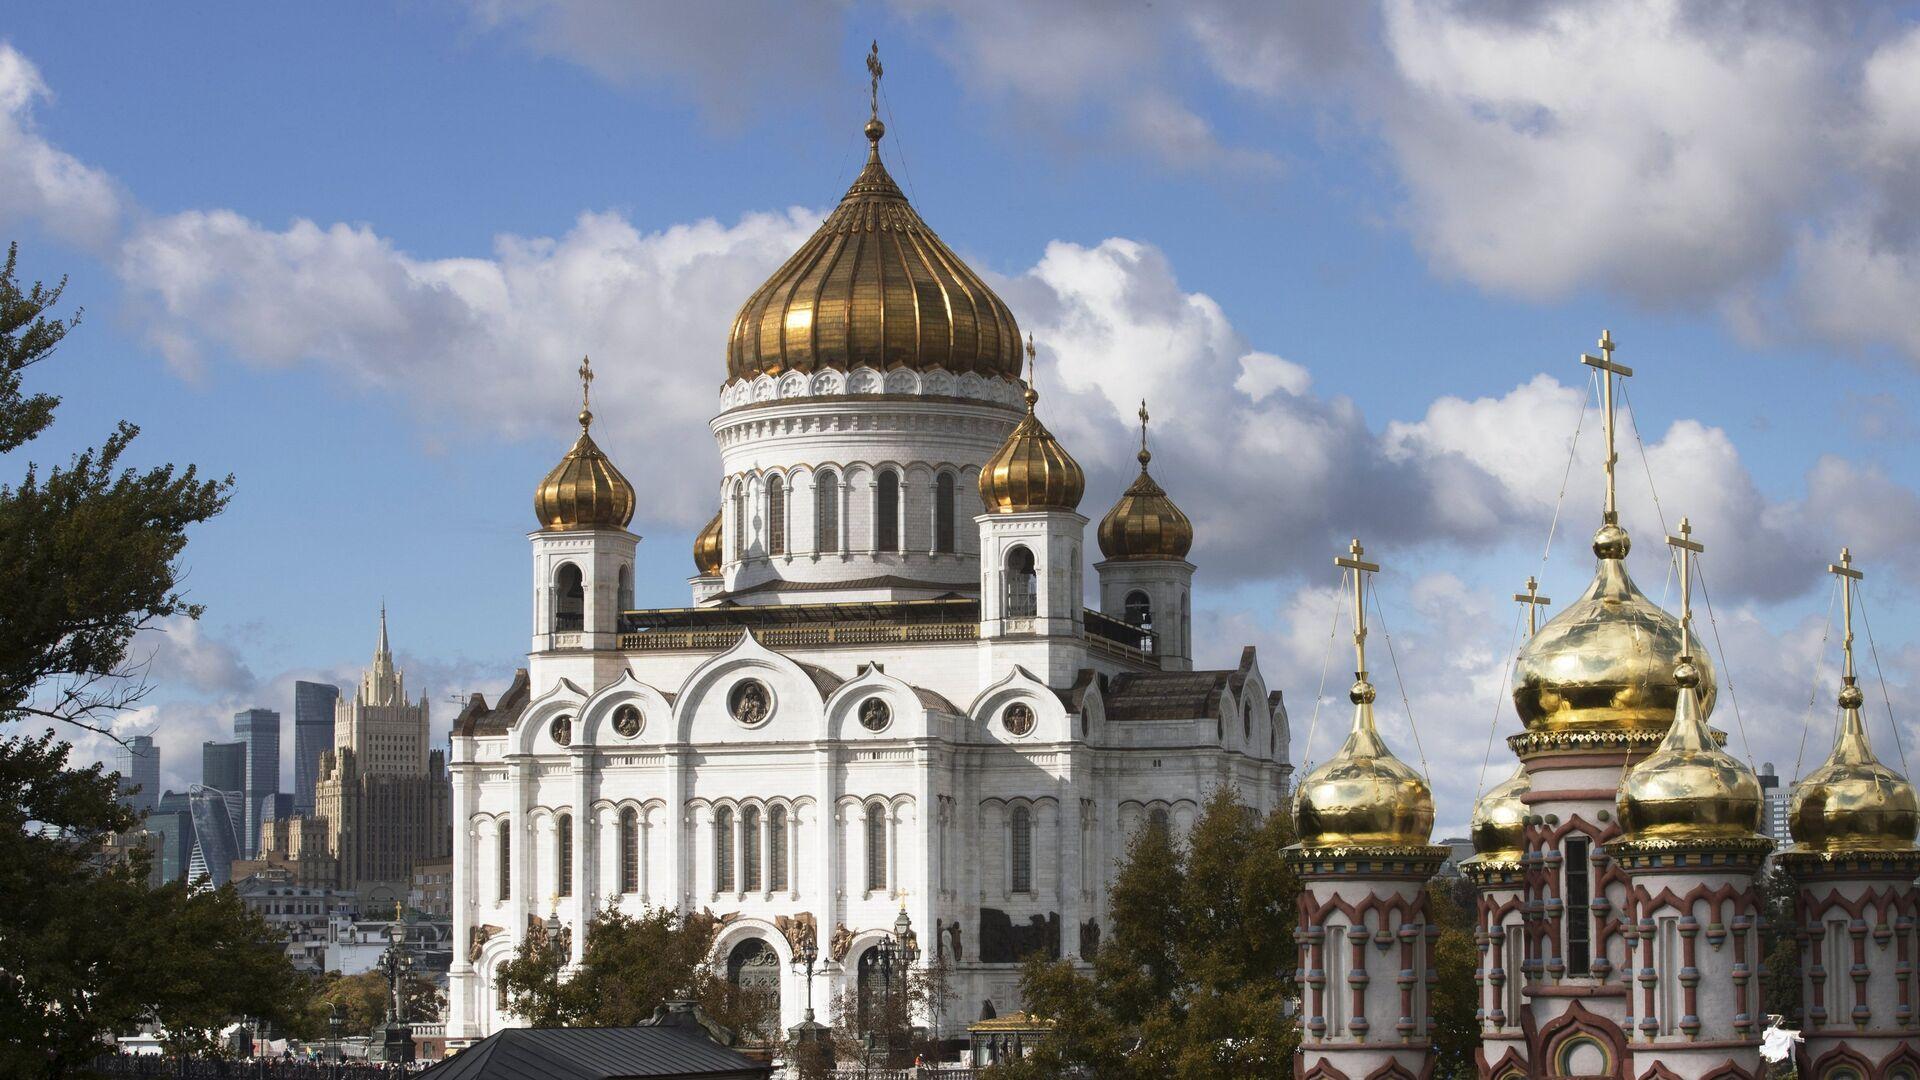 Η Ρωσική Εκκλησία  - Sputnik Ελλάδα, 1920, 05.10.2021